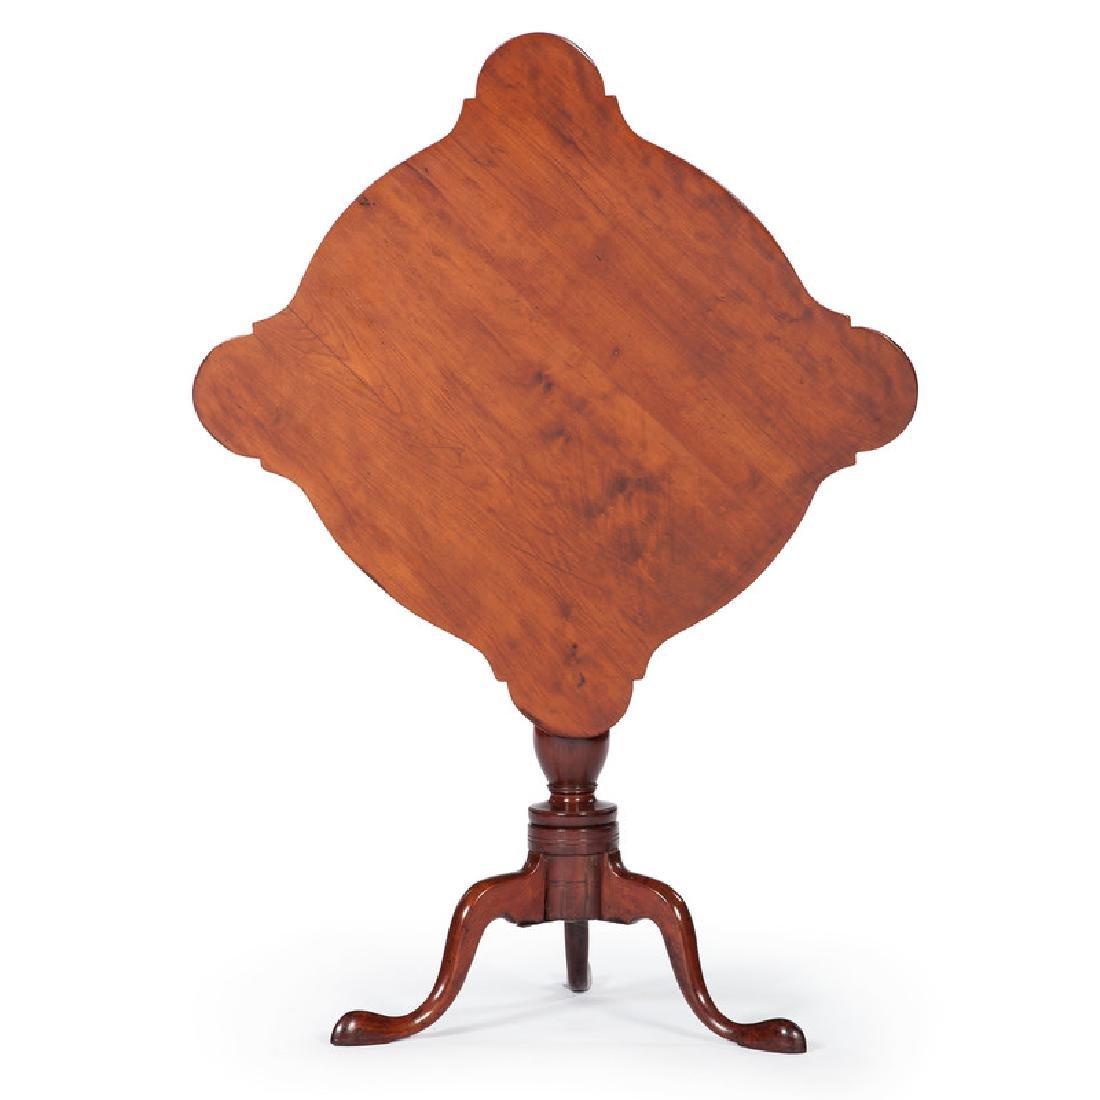 American Queen Anne Tilt-Top Tea Table